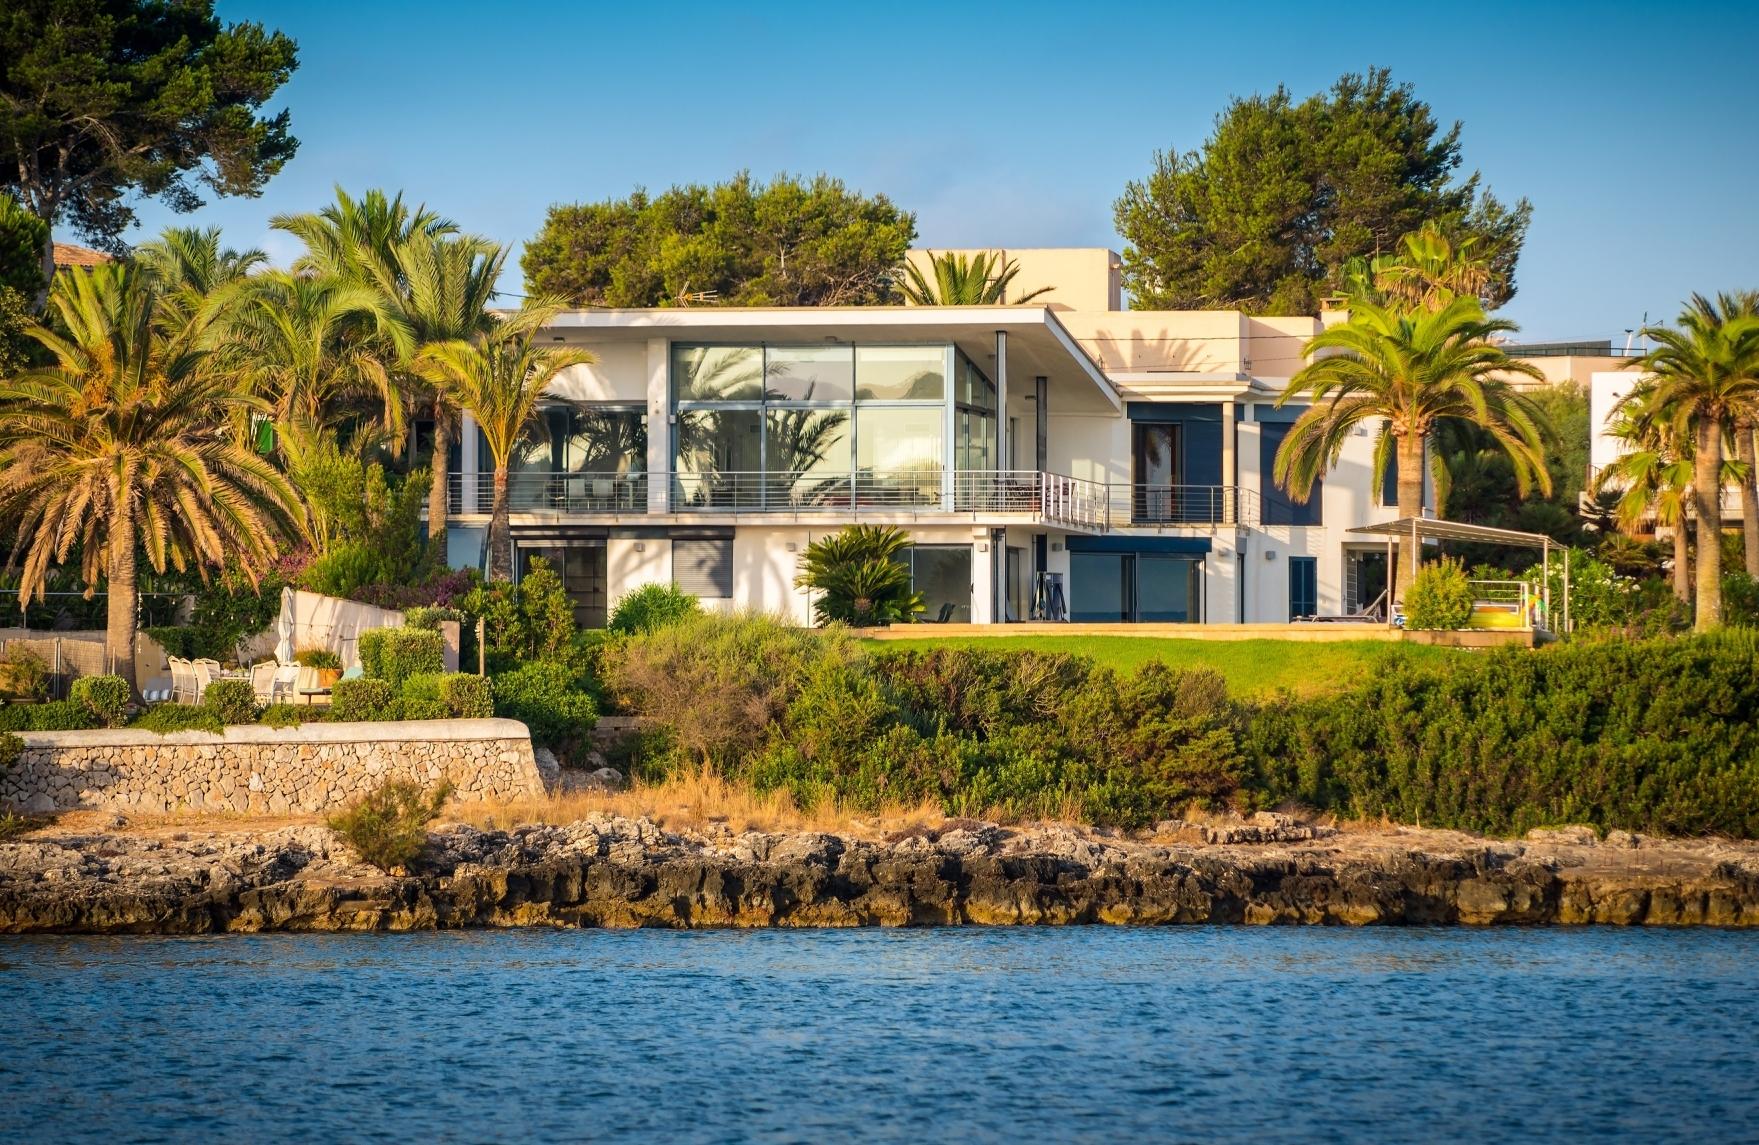 Xu hướng sở hữu biệt thự biển của giới nhà giàu